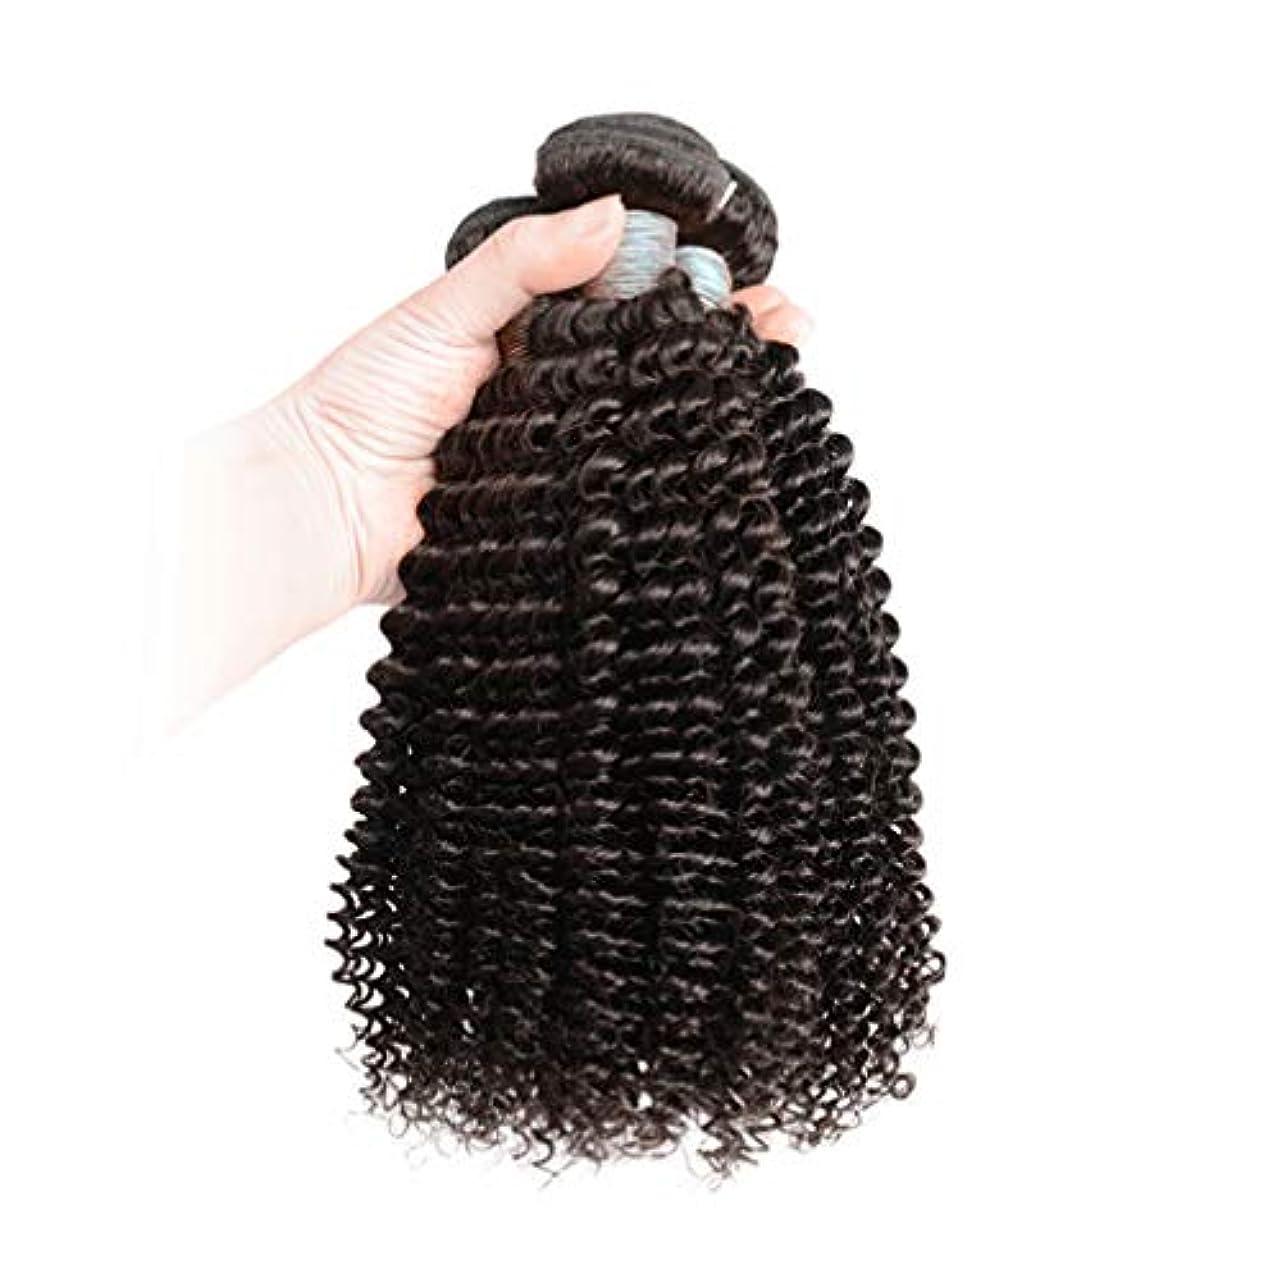 おかしいアレキサンダーグラハムベルとても女性ブラジルボディウェーブ髪3バンドル人間の髪織り100%加工されていないブラジルのバージンの髪人間の髪の毛